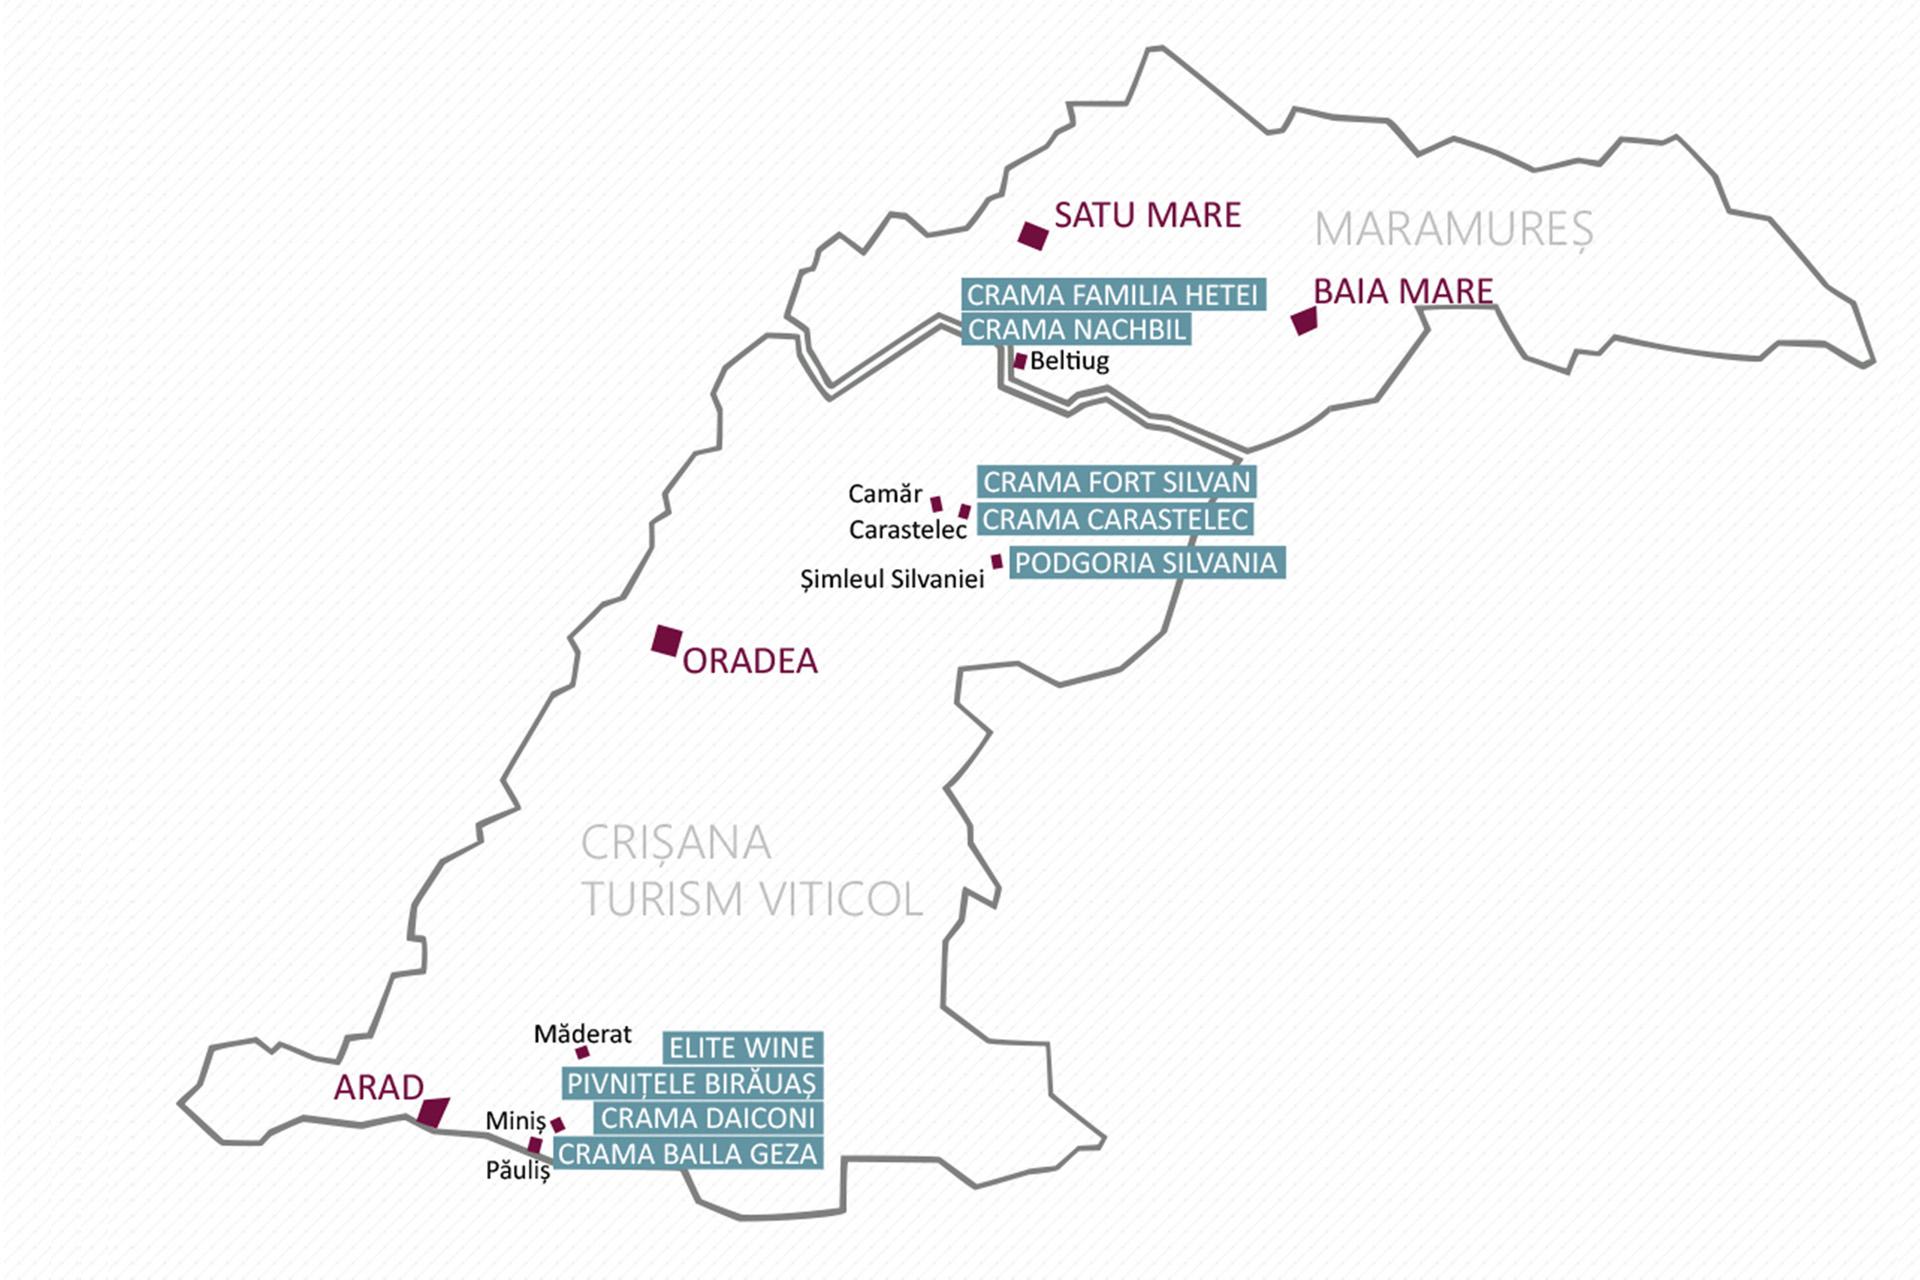 crisana_maramures_turism_viticol_Romania_mihai_cavaleria_ro